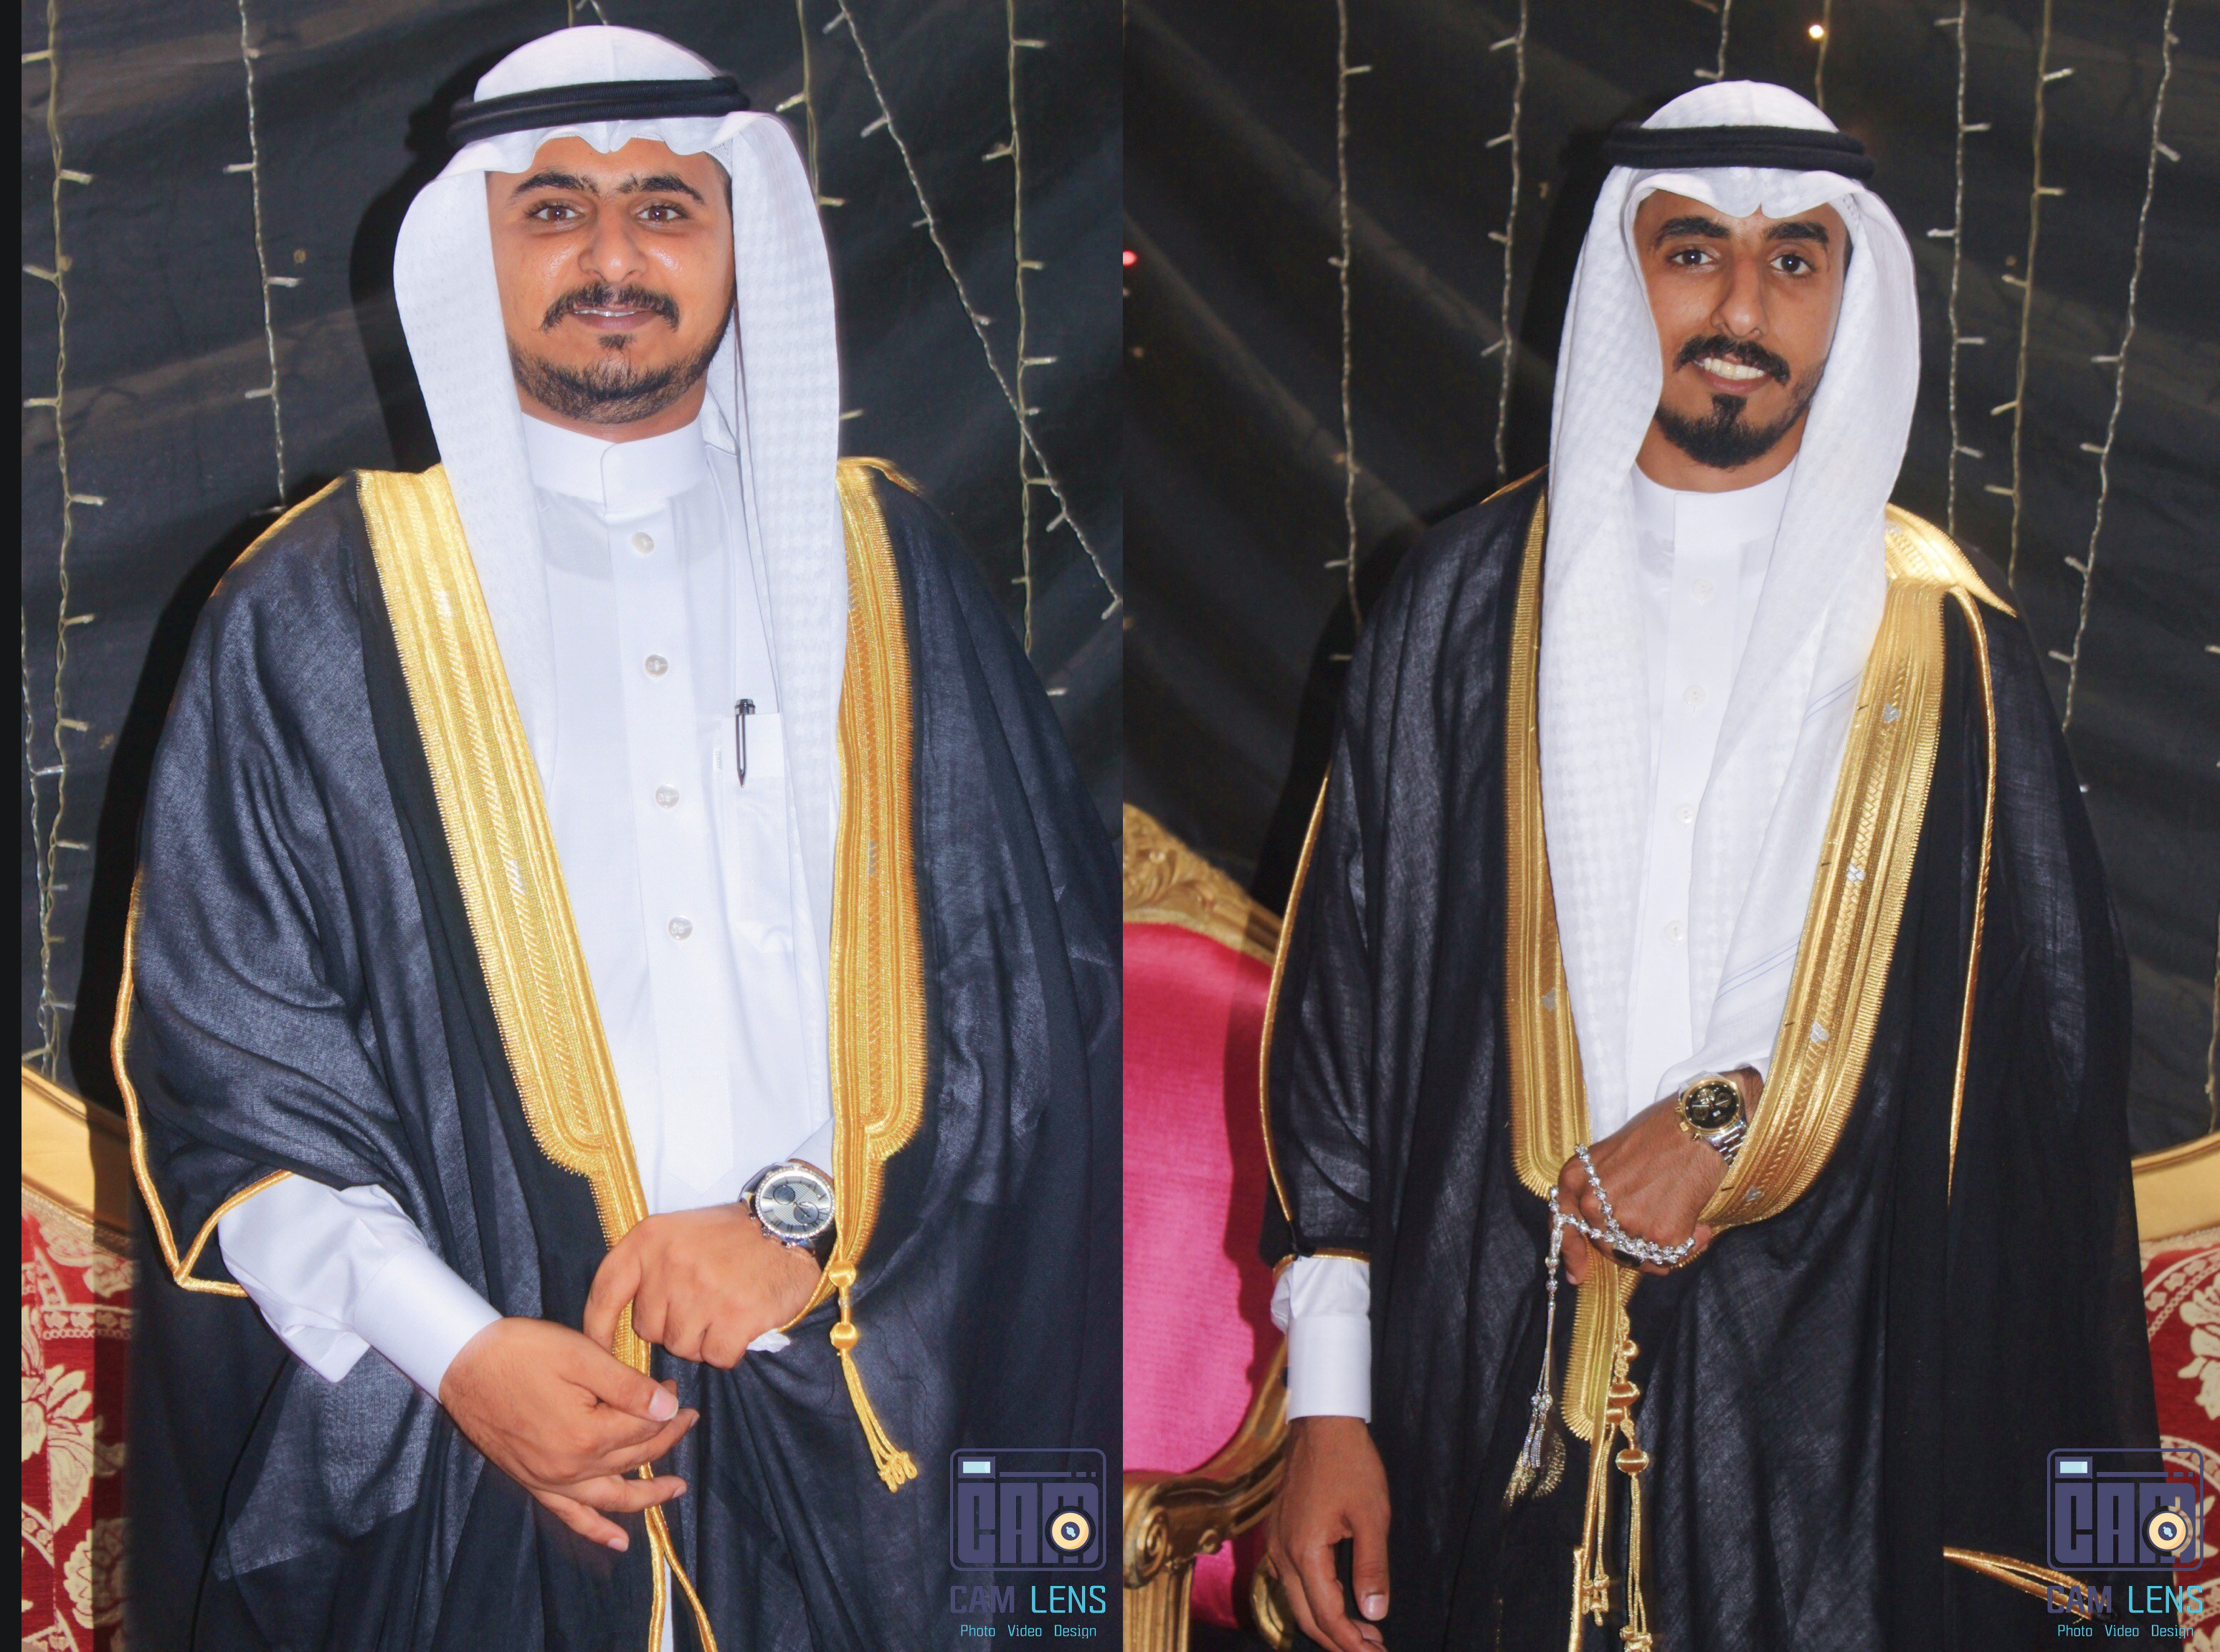 حفل زواج الشابان: خالد وثامر الربعي